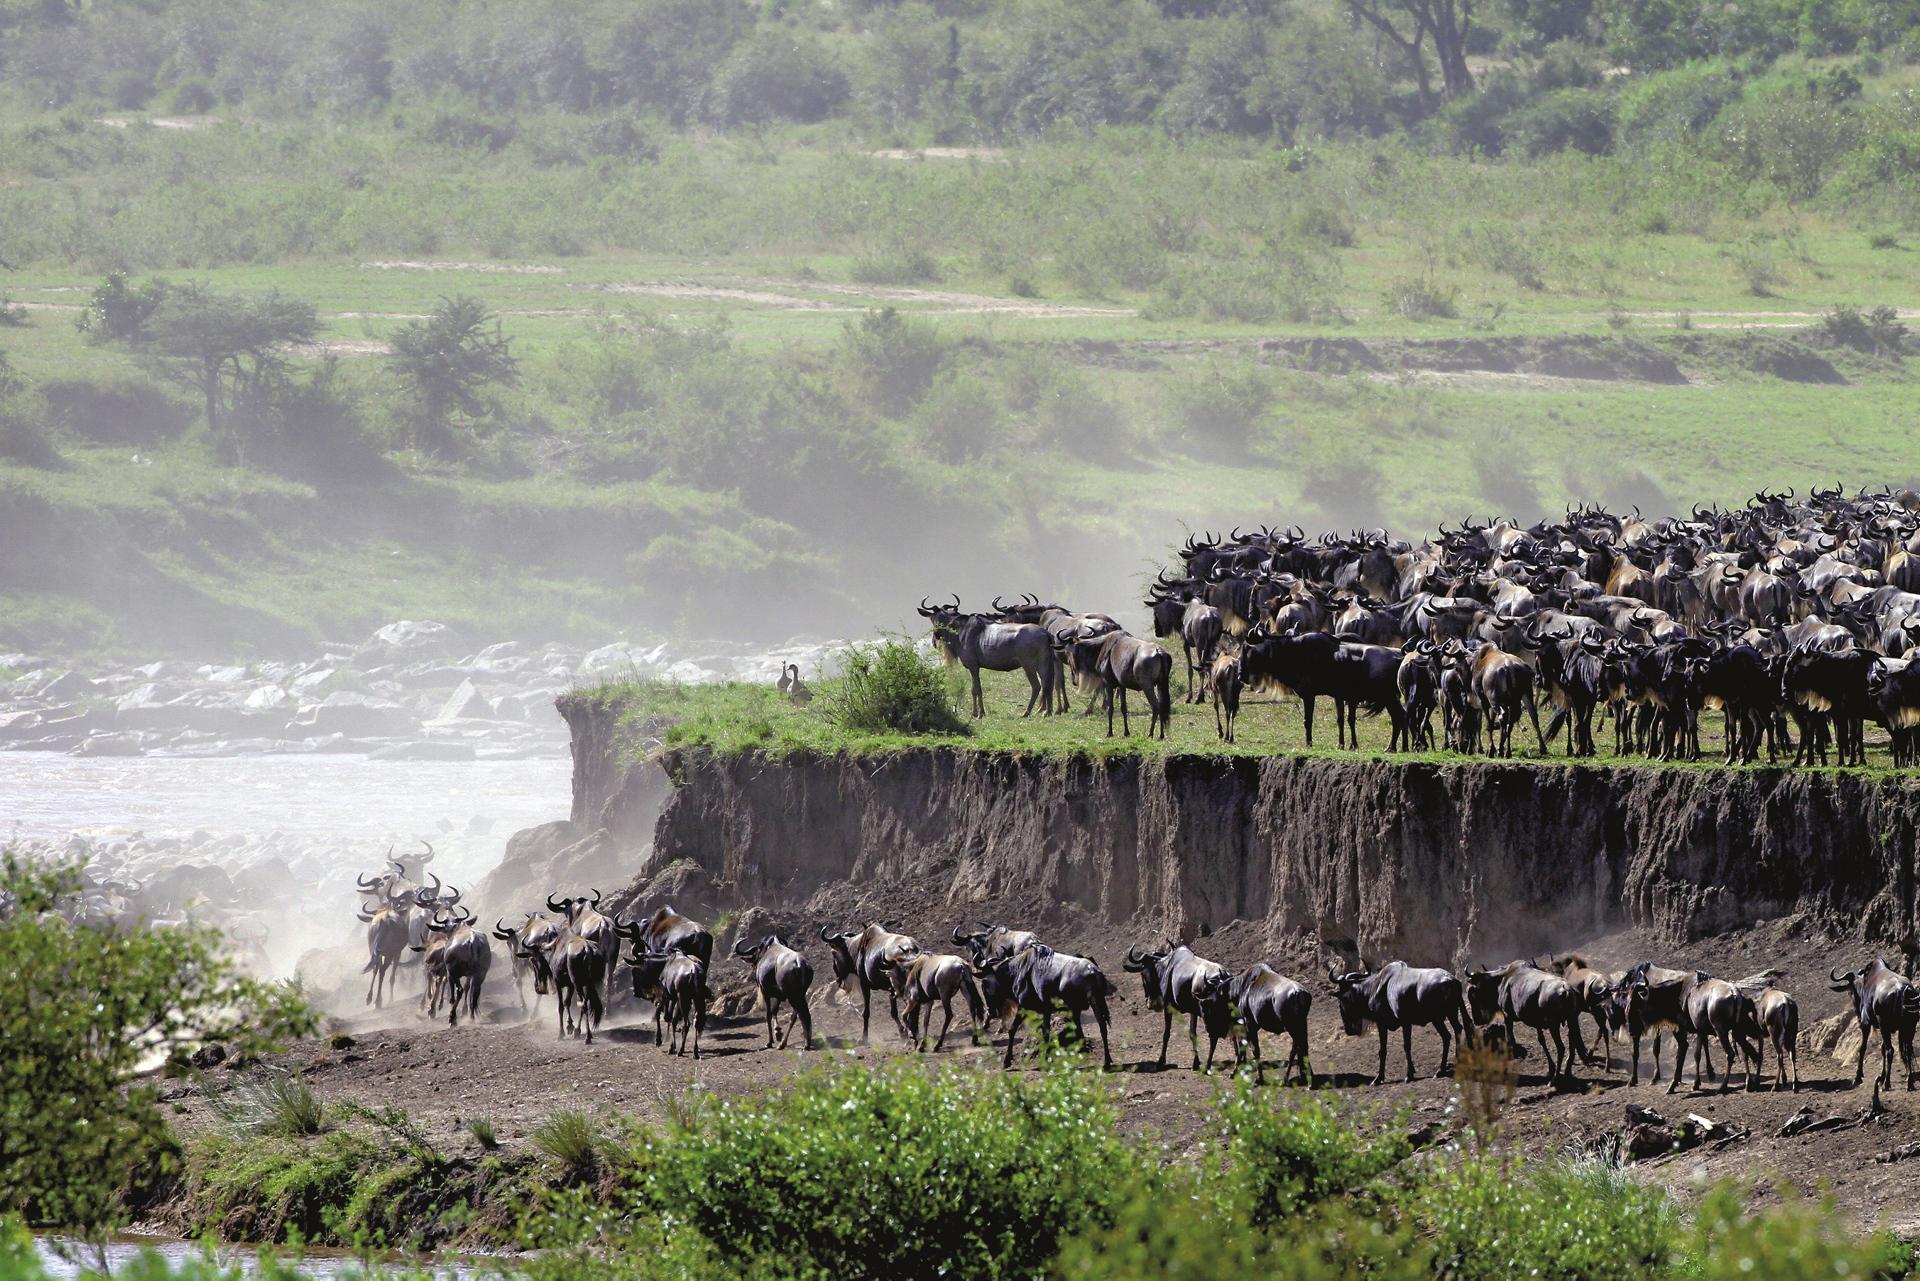 ©Jörg Ehrlich, DIAMIR Erlebnisreisen; Die große Migration am Mara Fluss